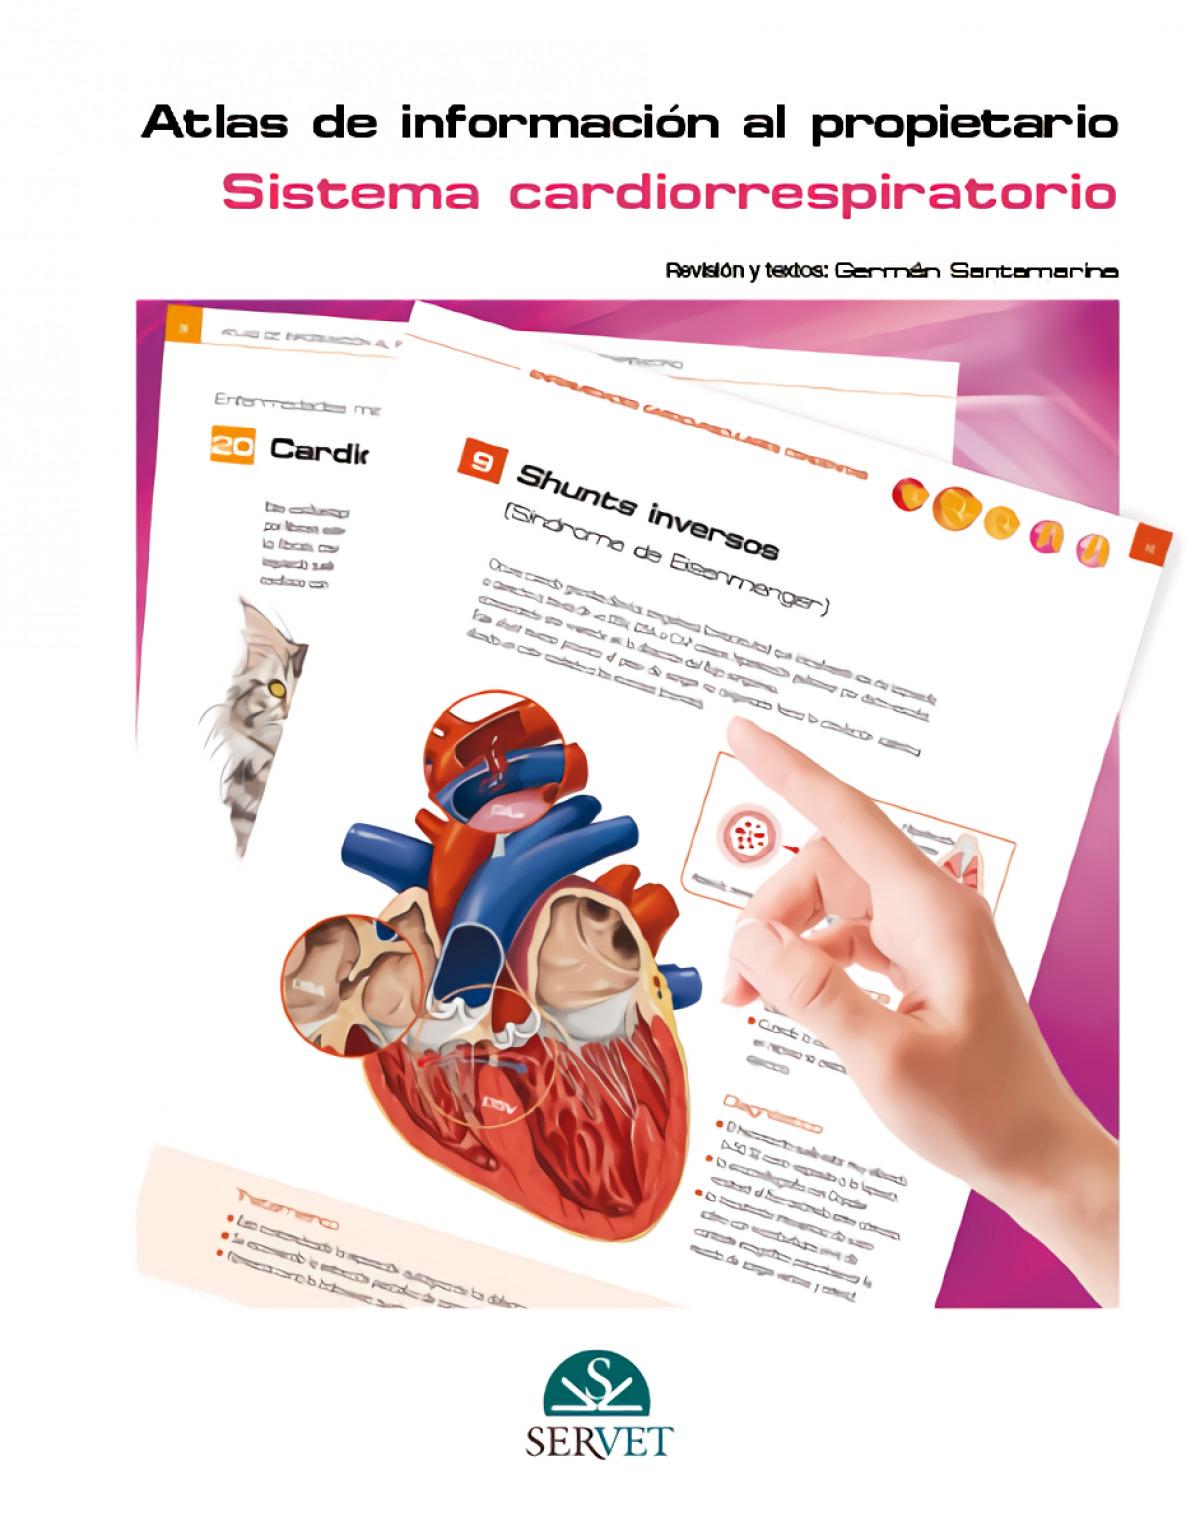 Atlas de información al propietario. Sistema cardiorrespiratorio